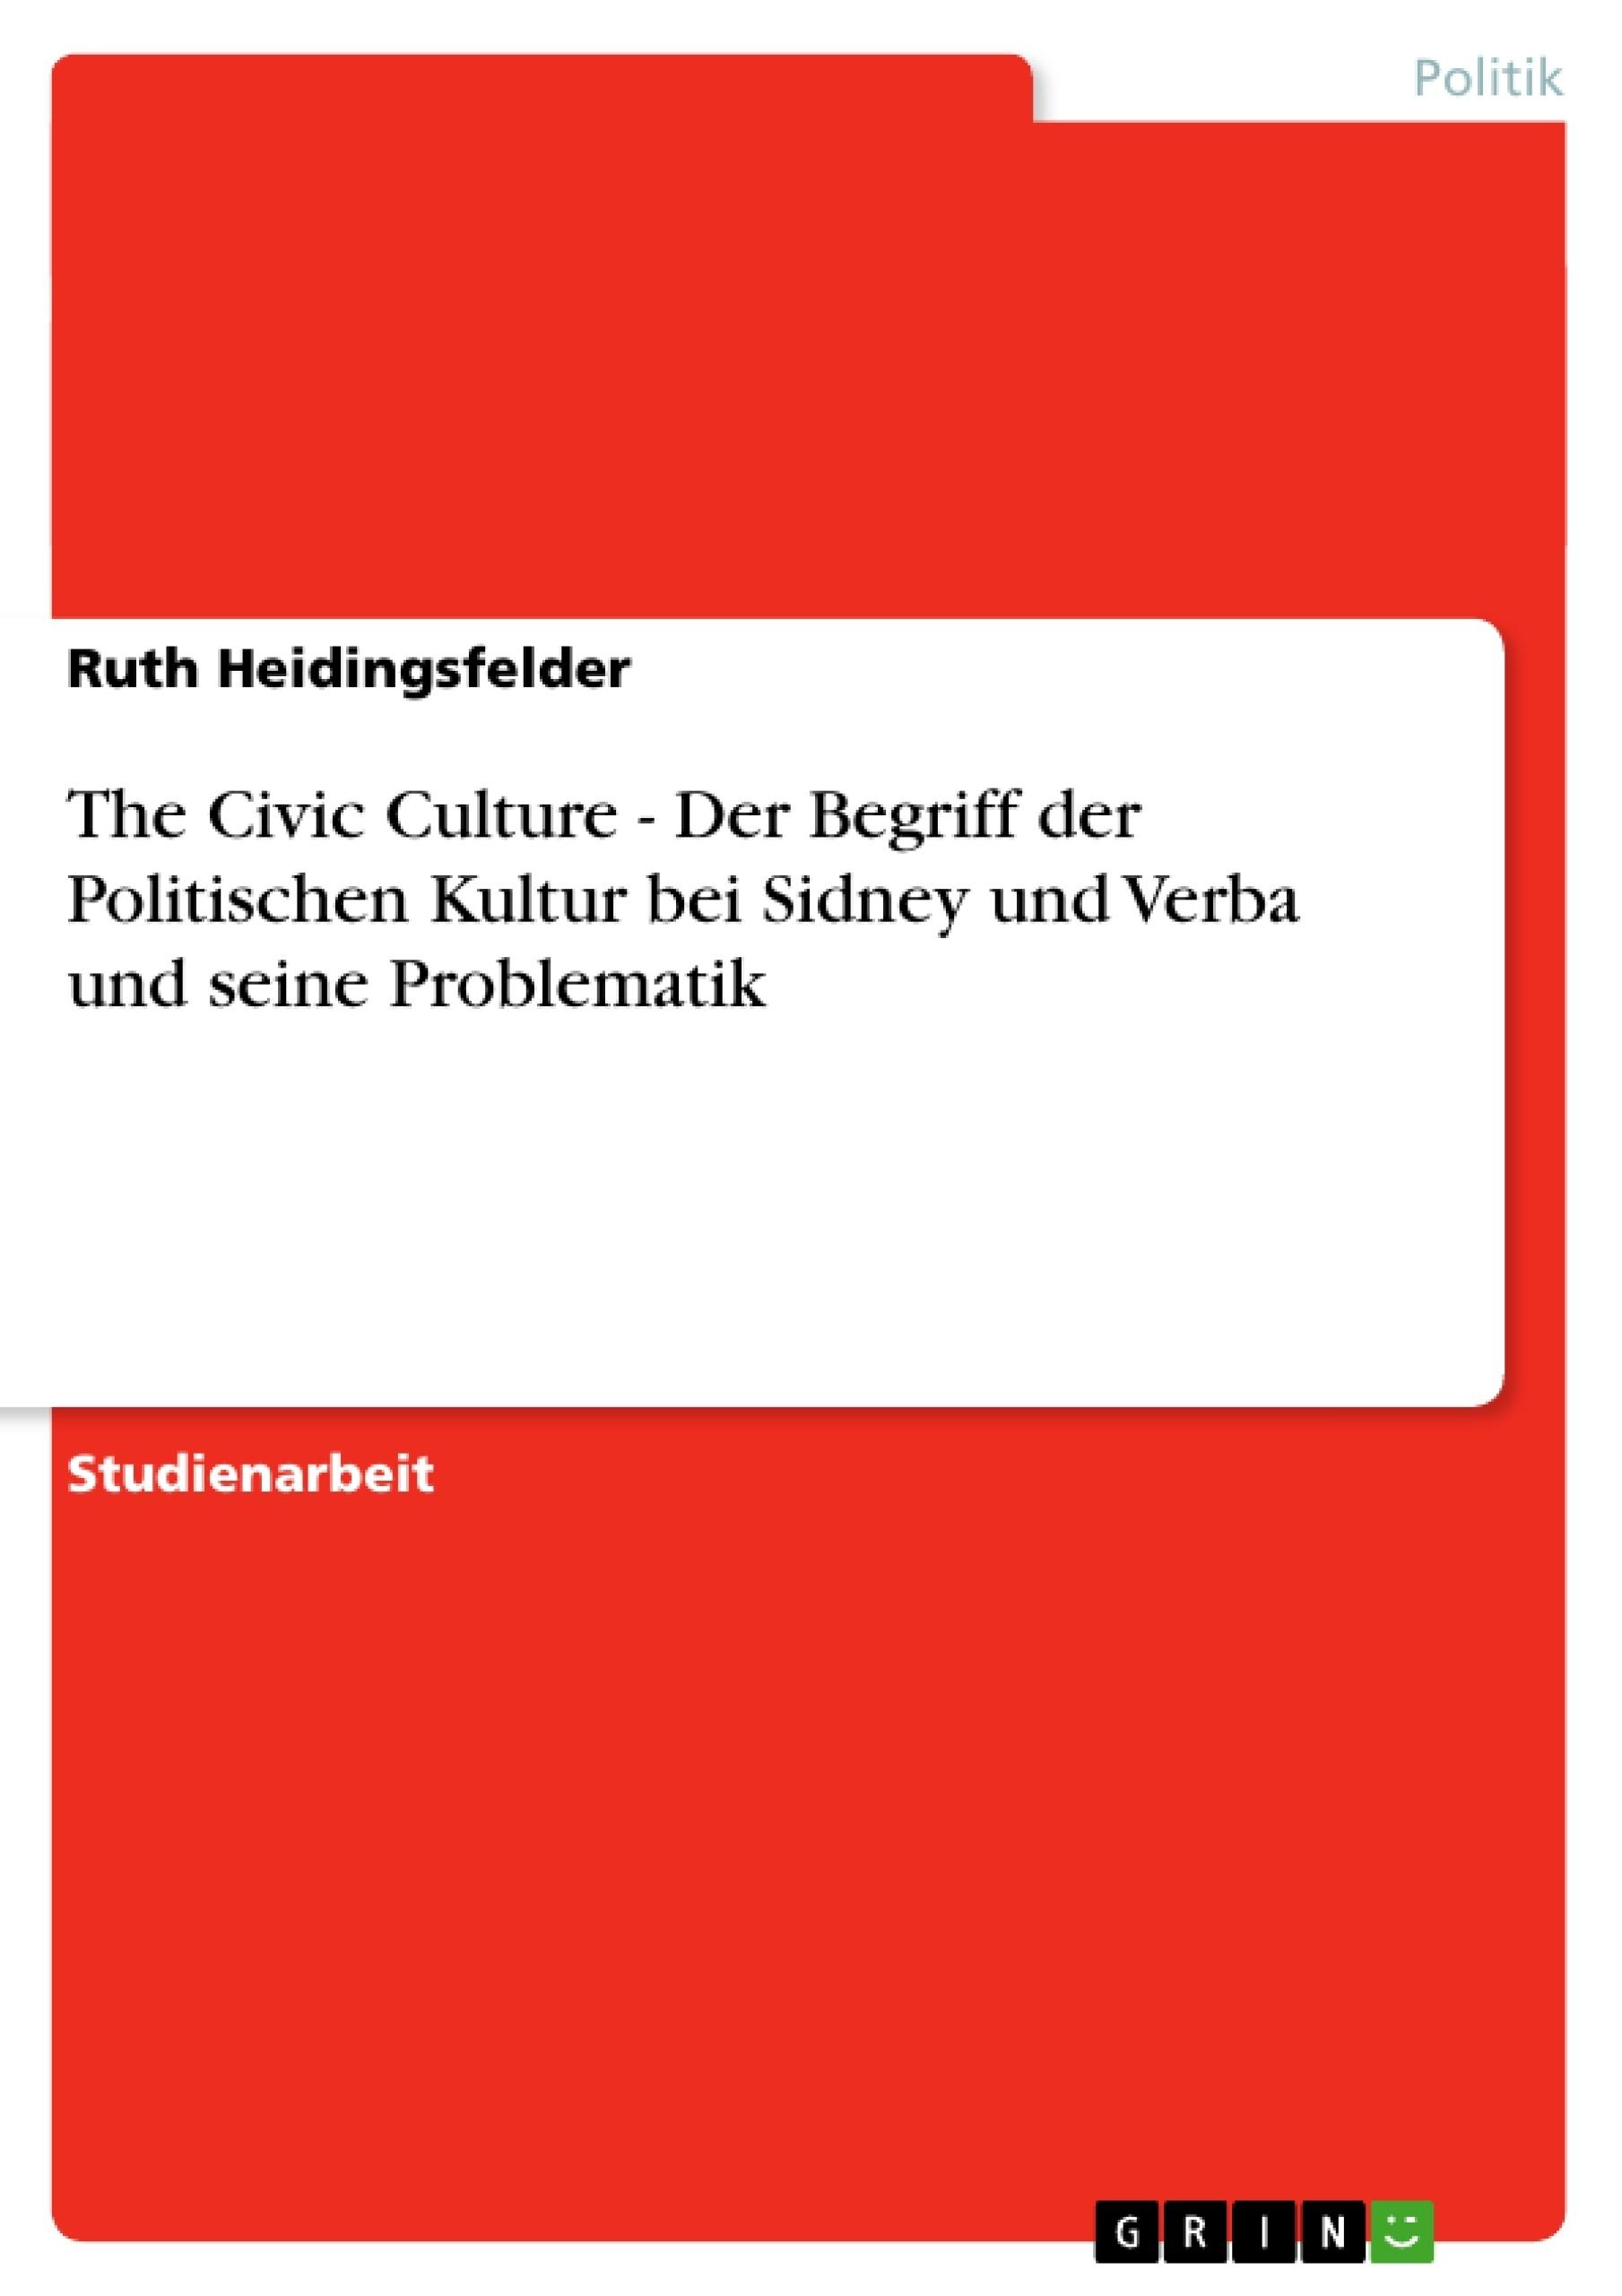 Titel: The Civic Culture - Der Begriff der Politischen Kultur bei Sidney und Verba und seine Problematik